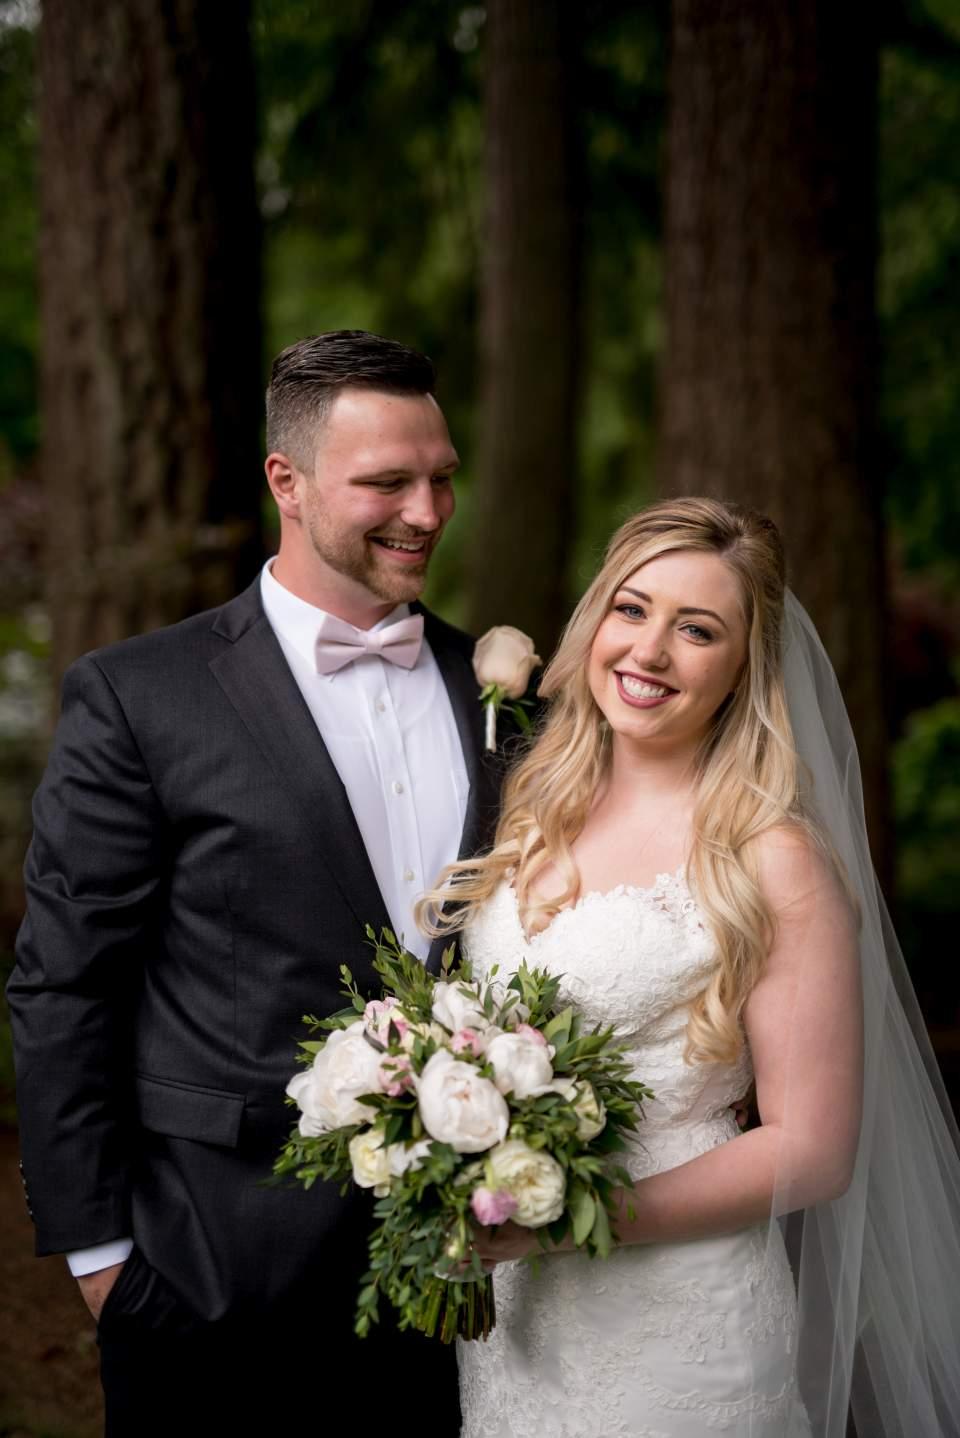 beautiful wedding photos at rock creek gardens